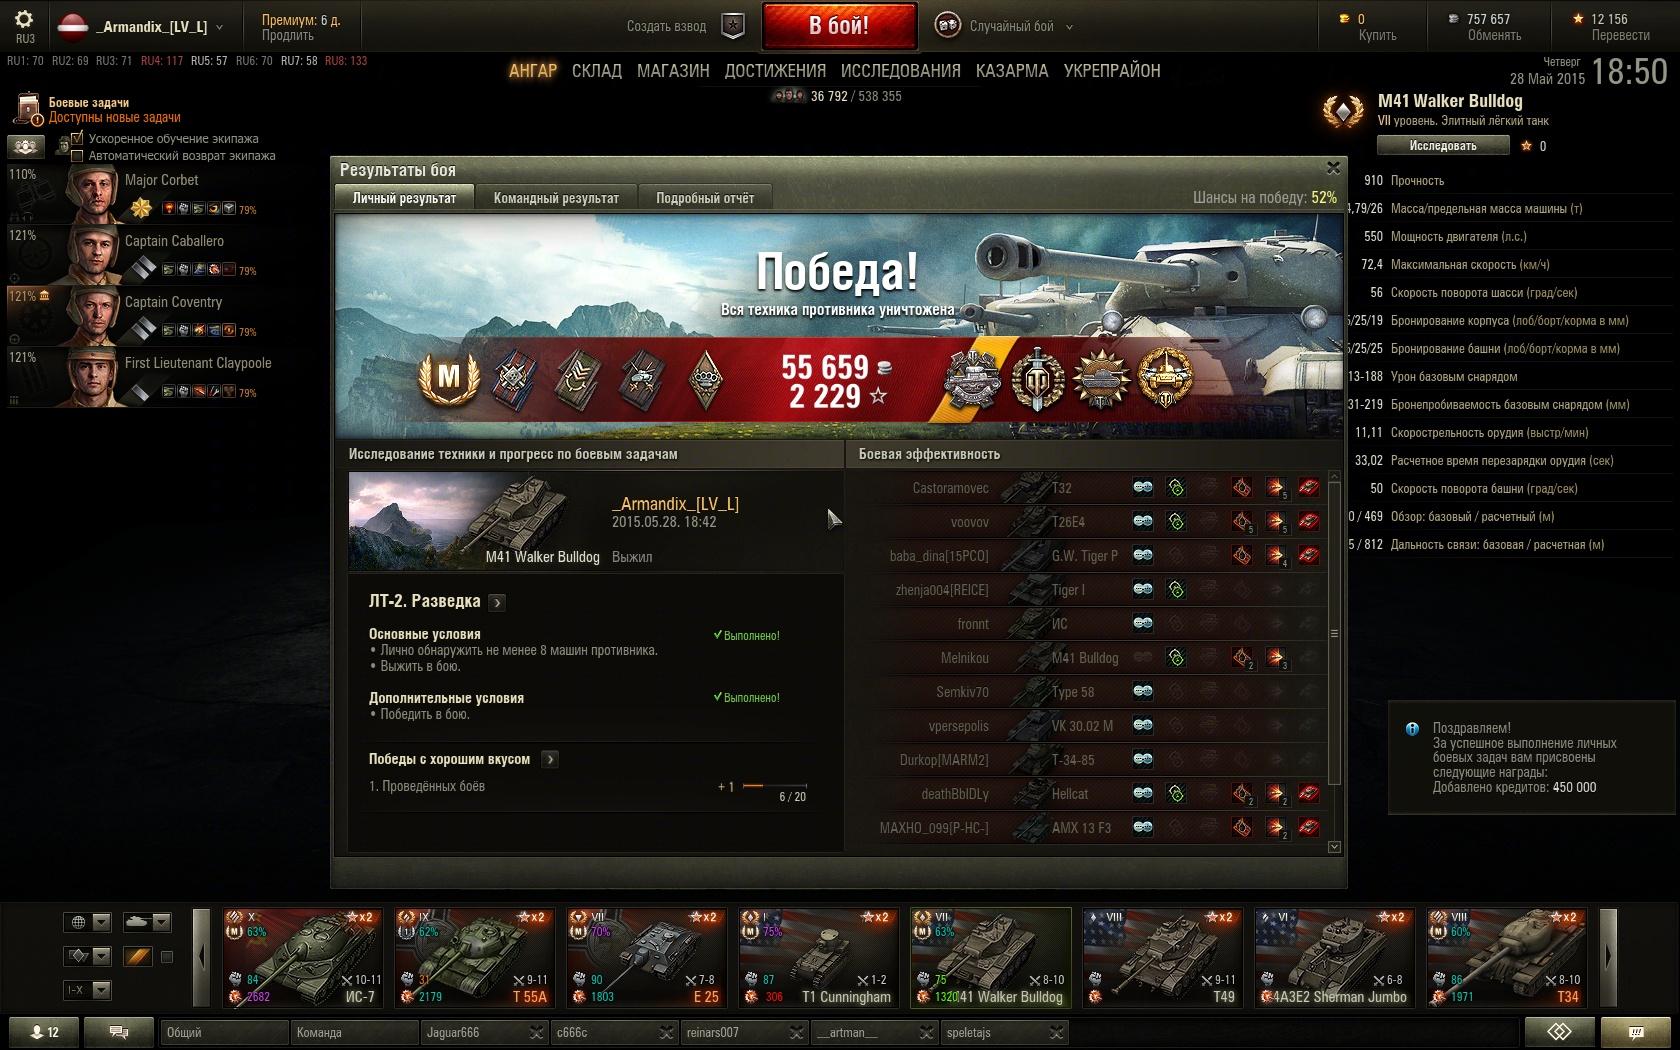 (Master) M41 Walker Bulldog Y5rm1zeqi7ypfo58mwr